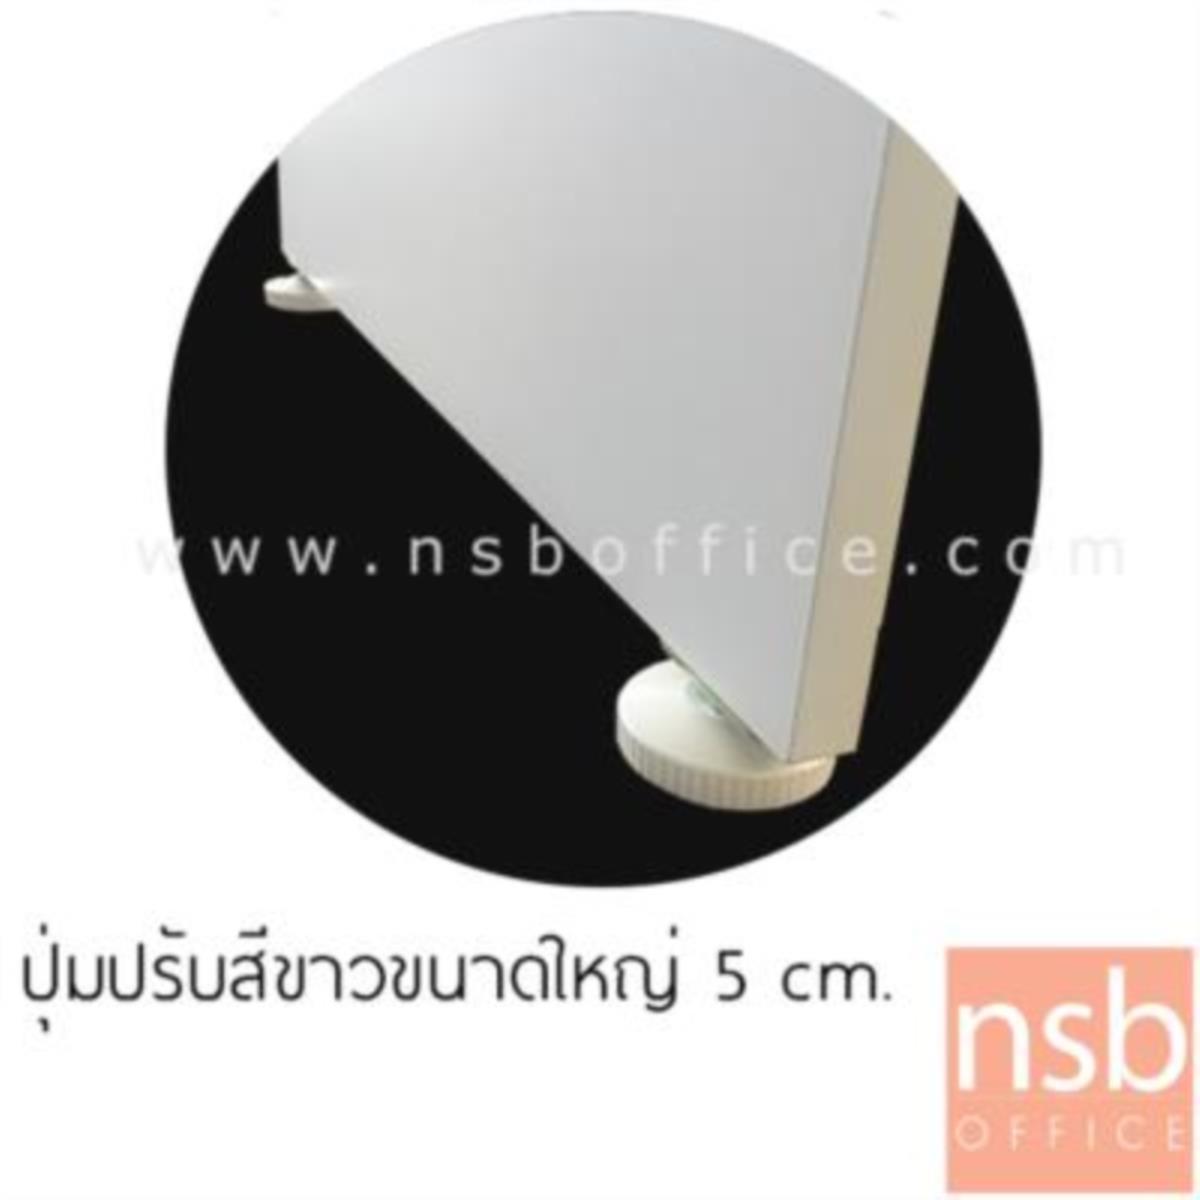 โต๊ะทำงานทรงตัวแอล  รุ่น SR-N15 ขนาด 150W cm. เมลามีน สีเนเจอร์ทีค-ขาว